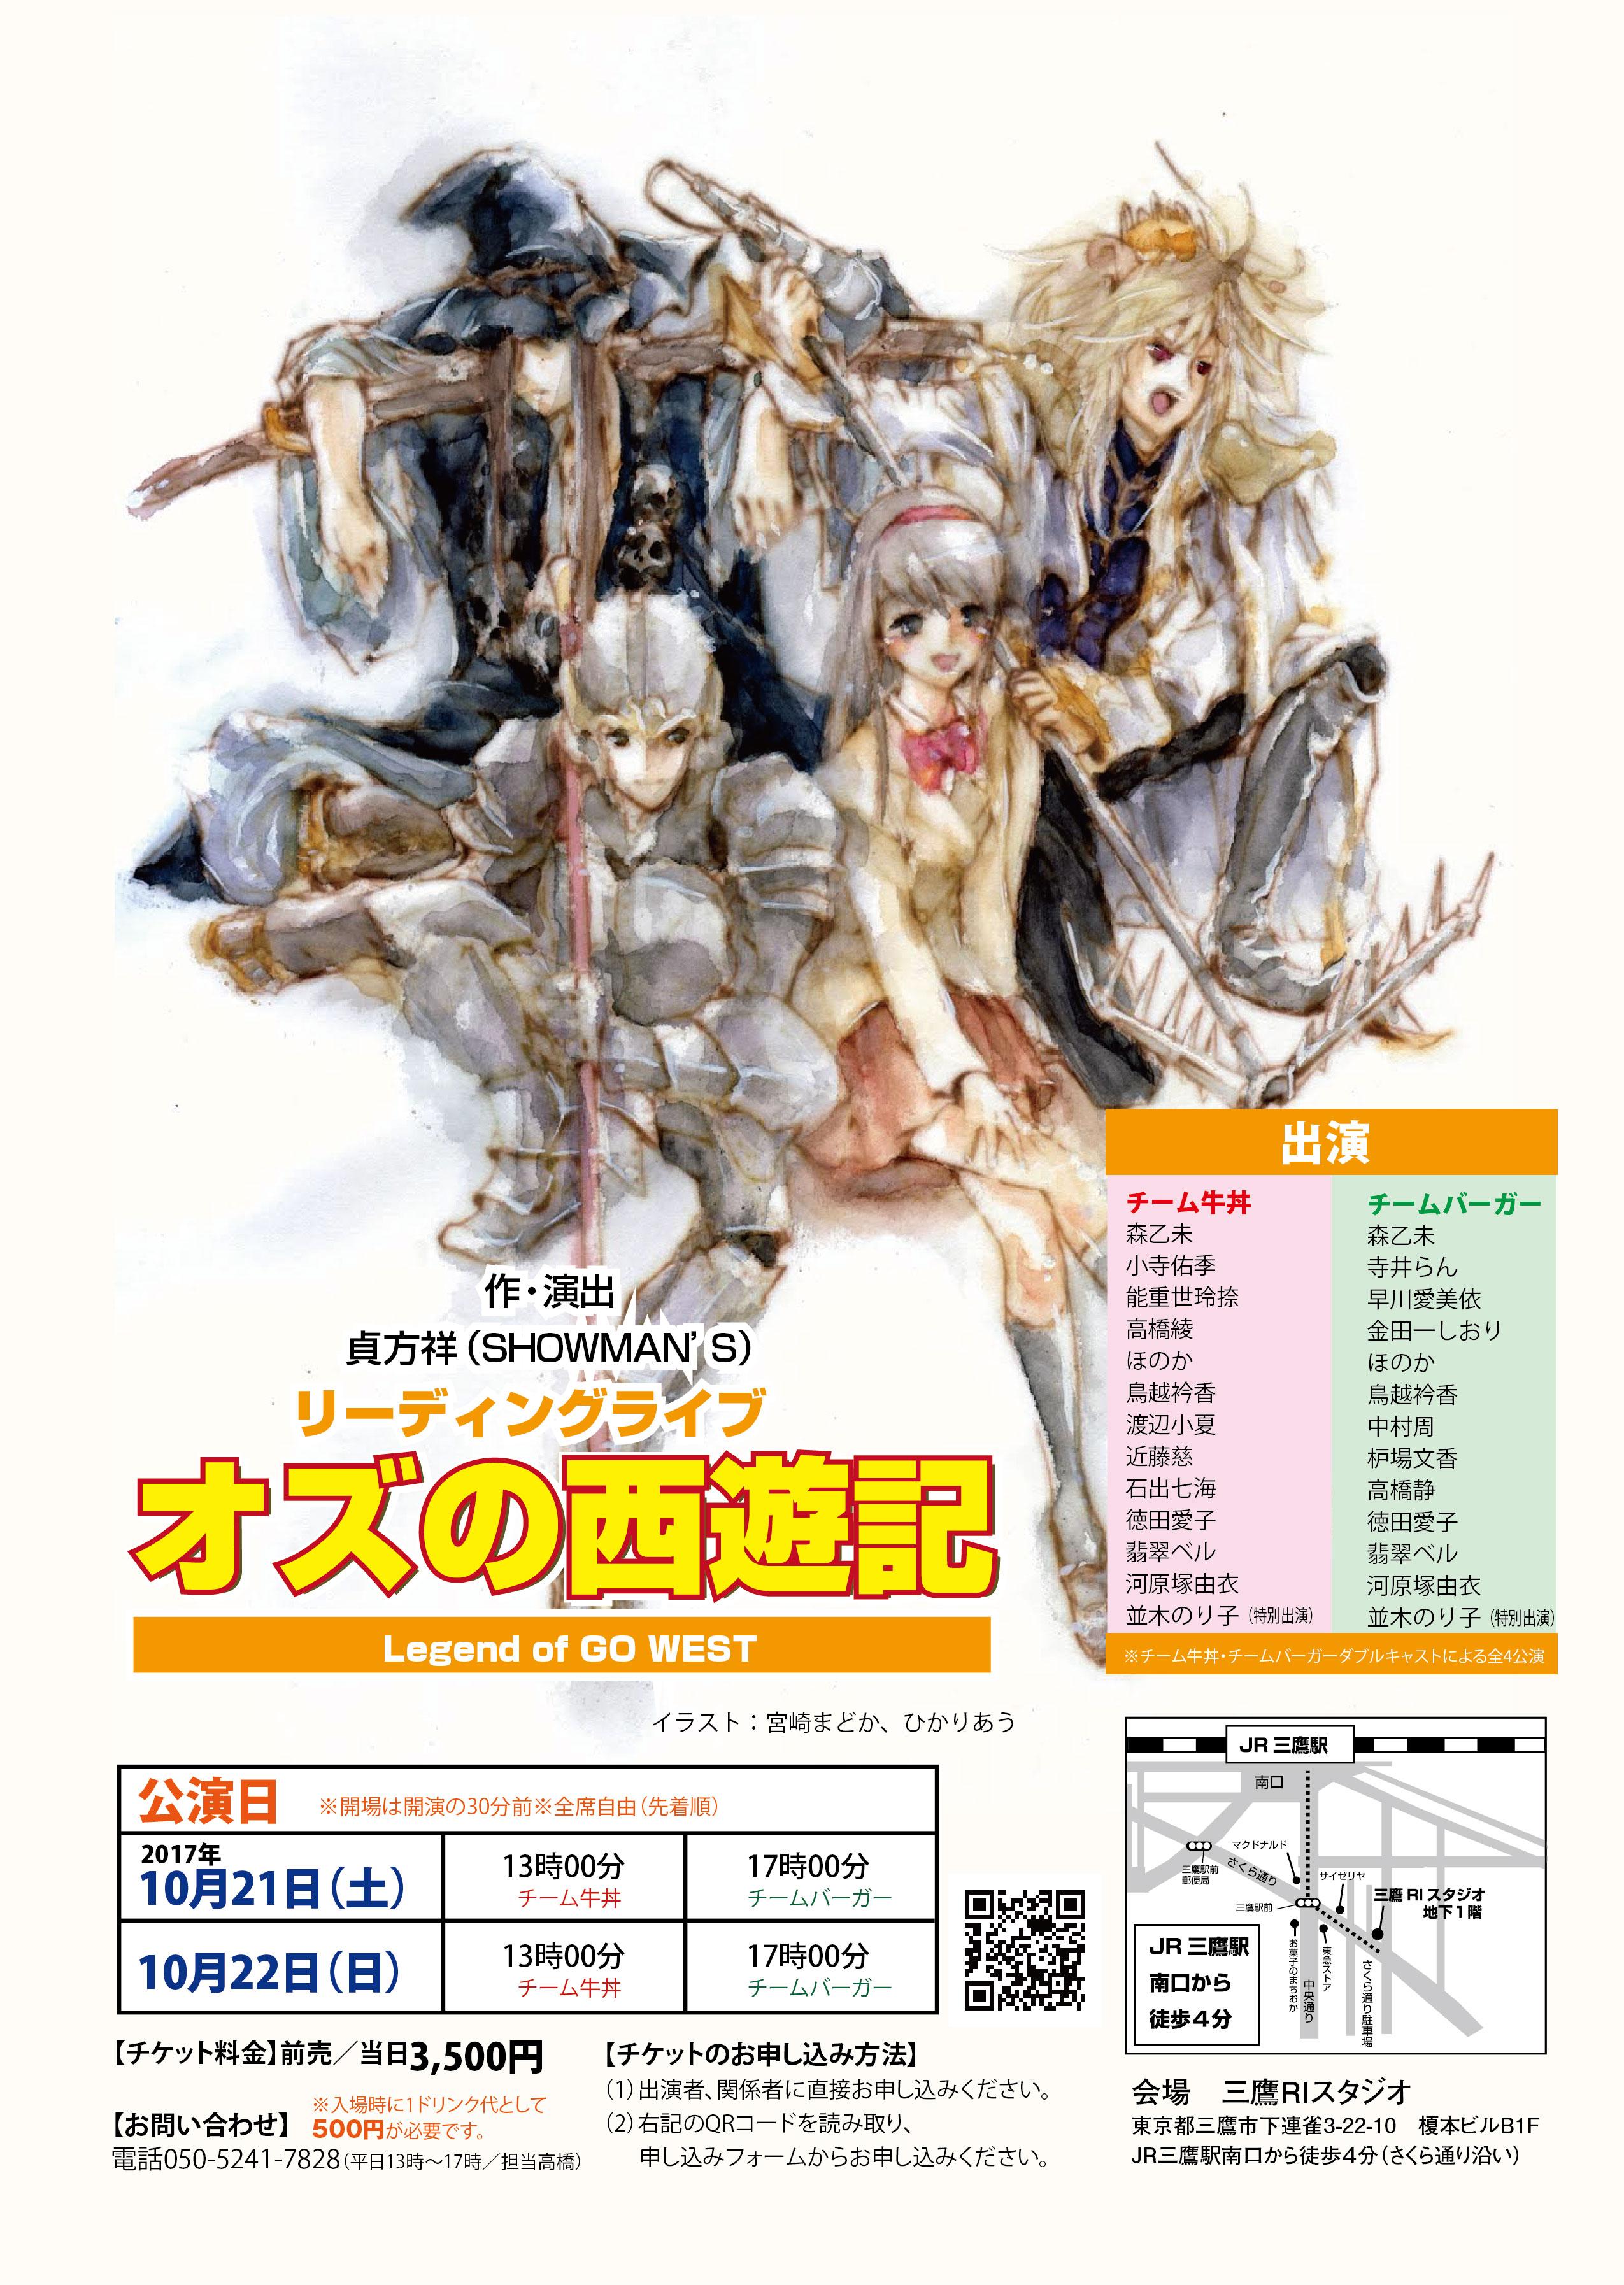 【公演終了】リーディングライブ「オズの西遊記~Legend of GO WEST!」【公演日10月21日(土)・22日(日)】